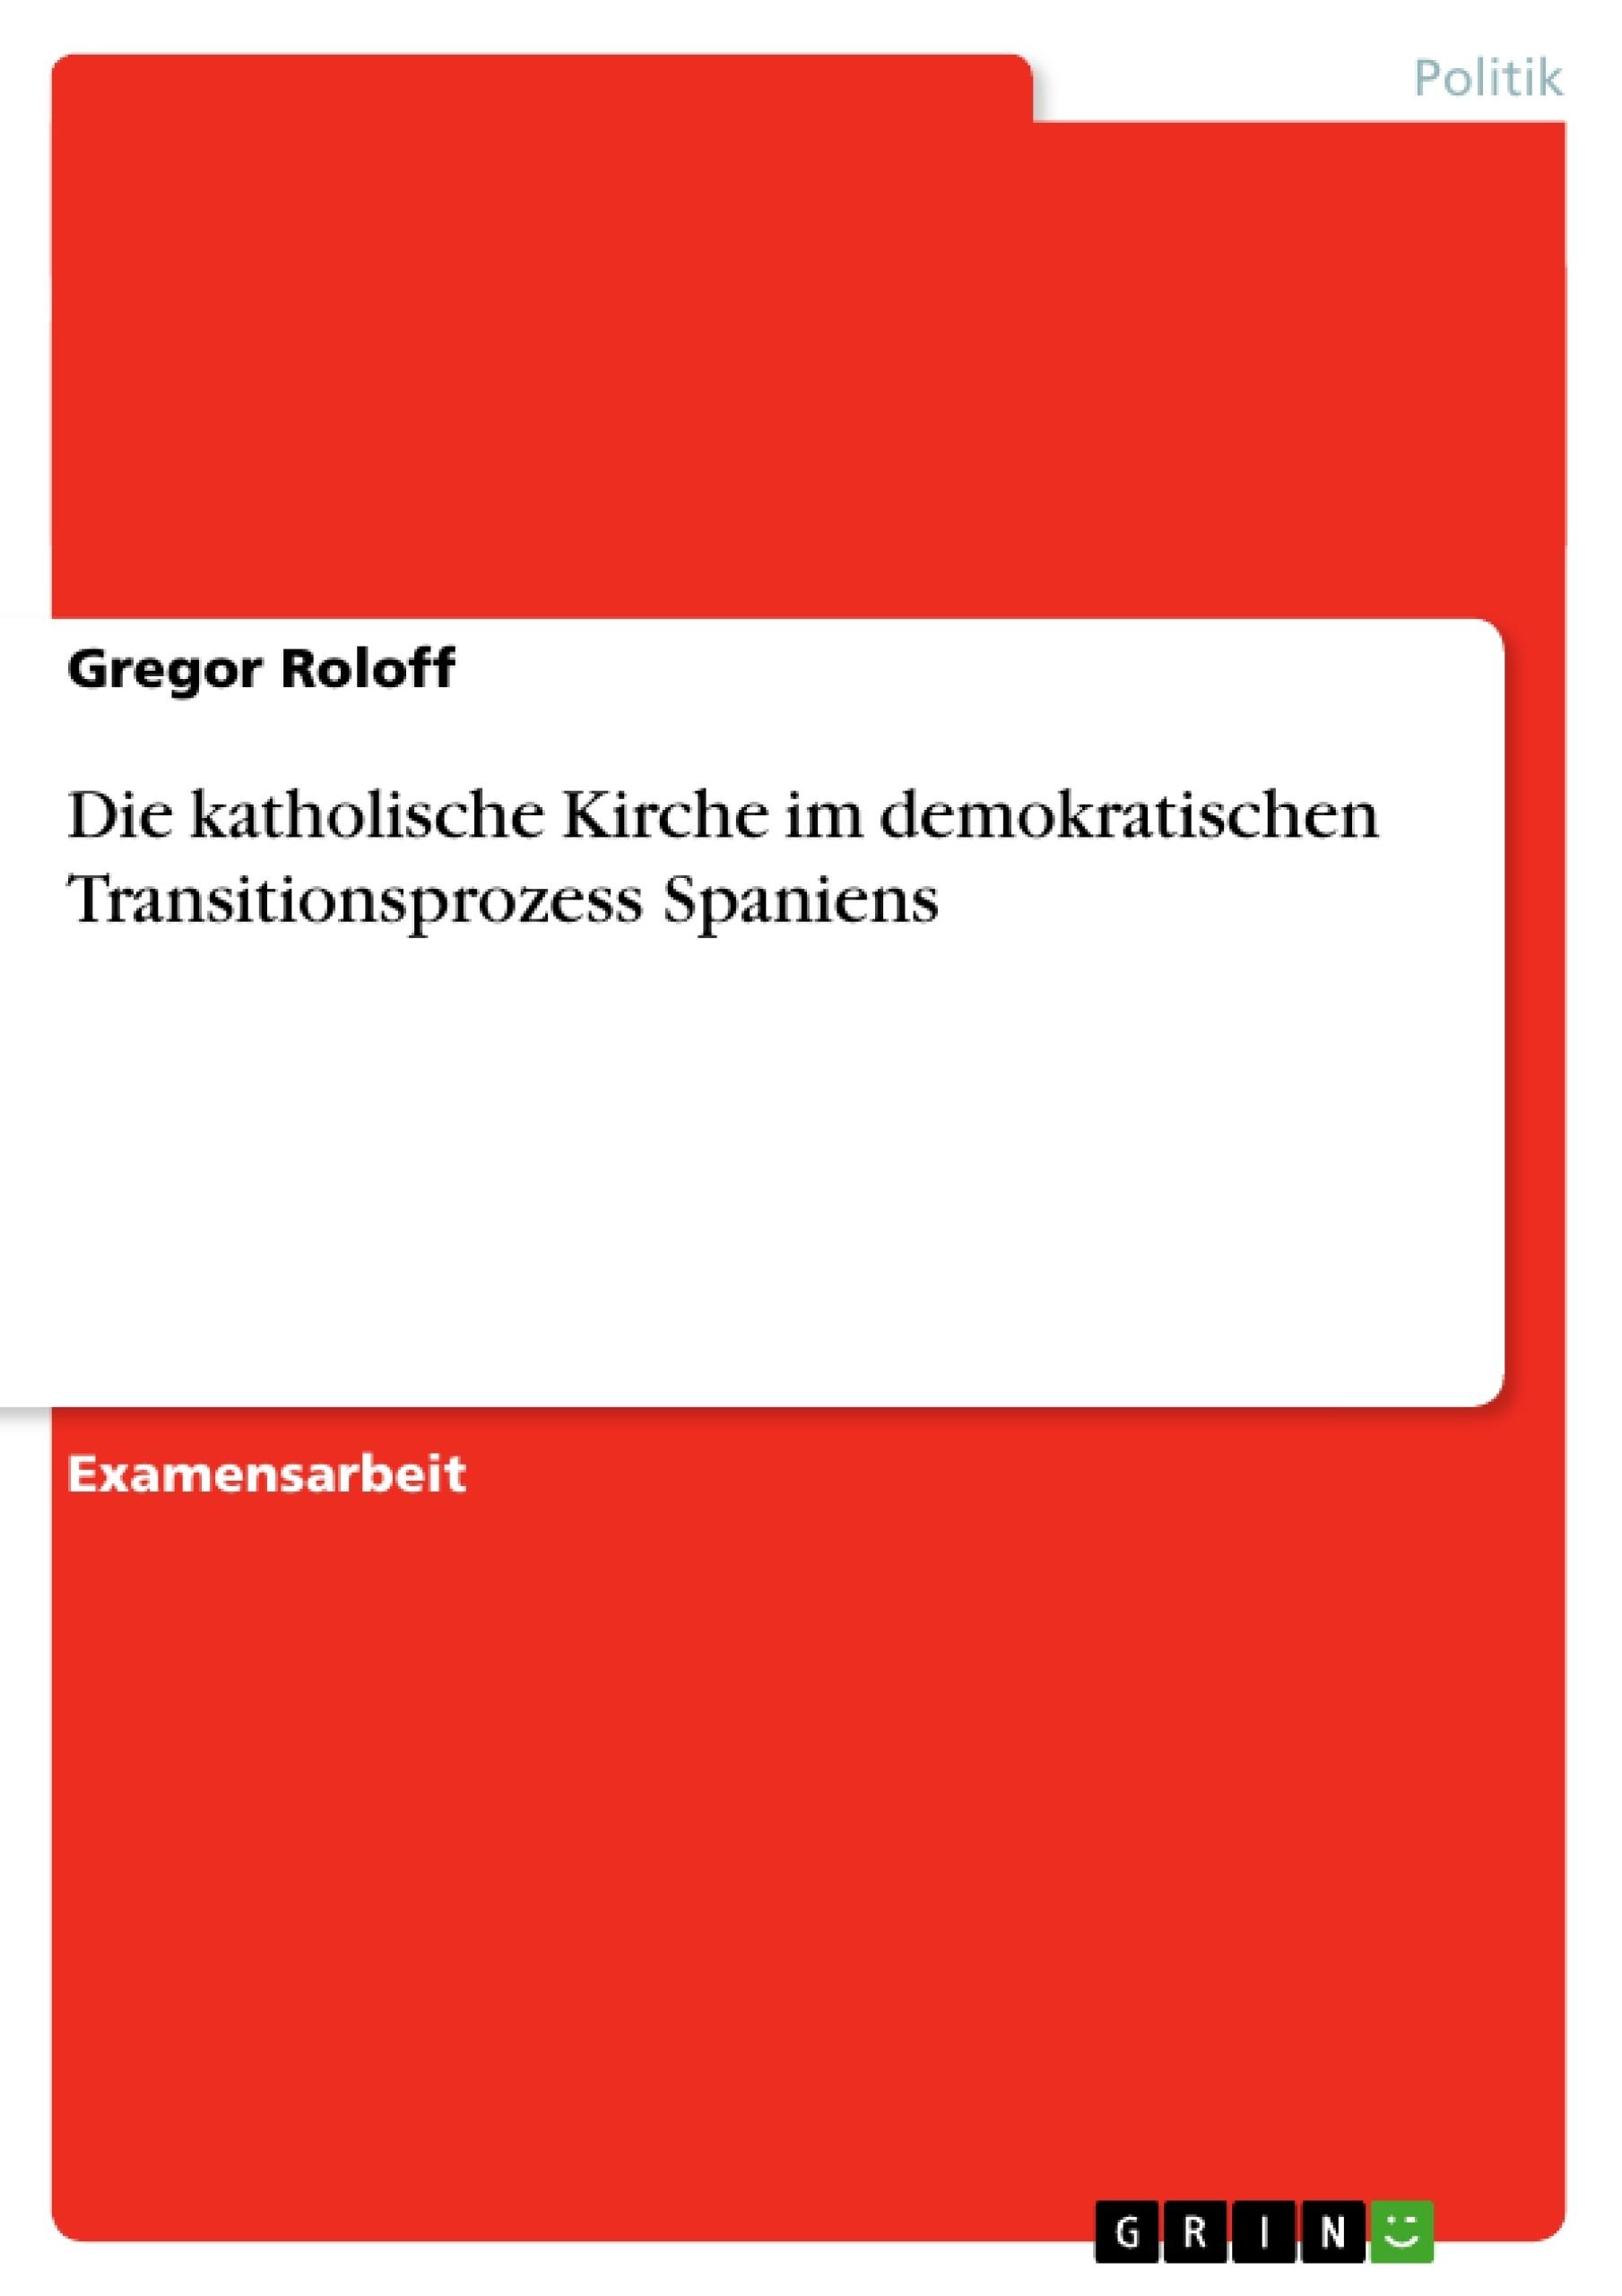 Titel: Die katholische Kirche im demokratischen Transitionsprozess Spaniens